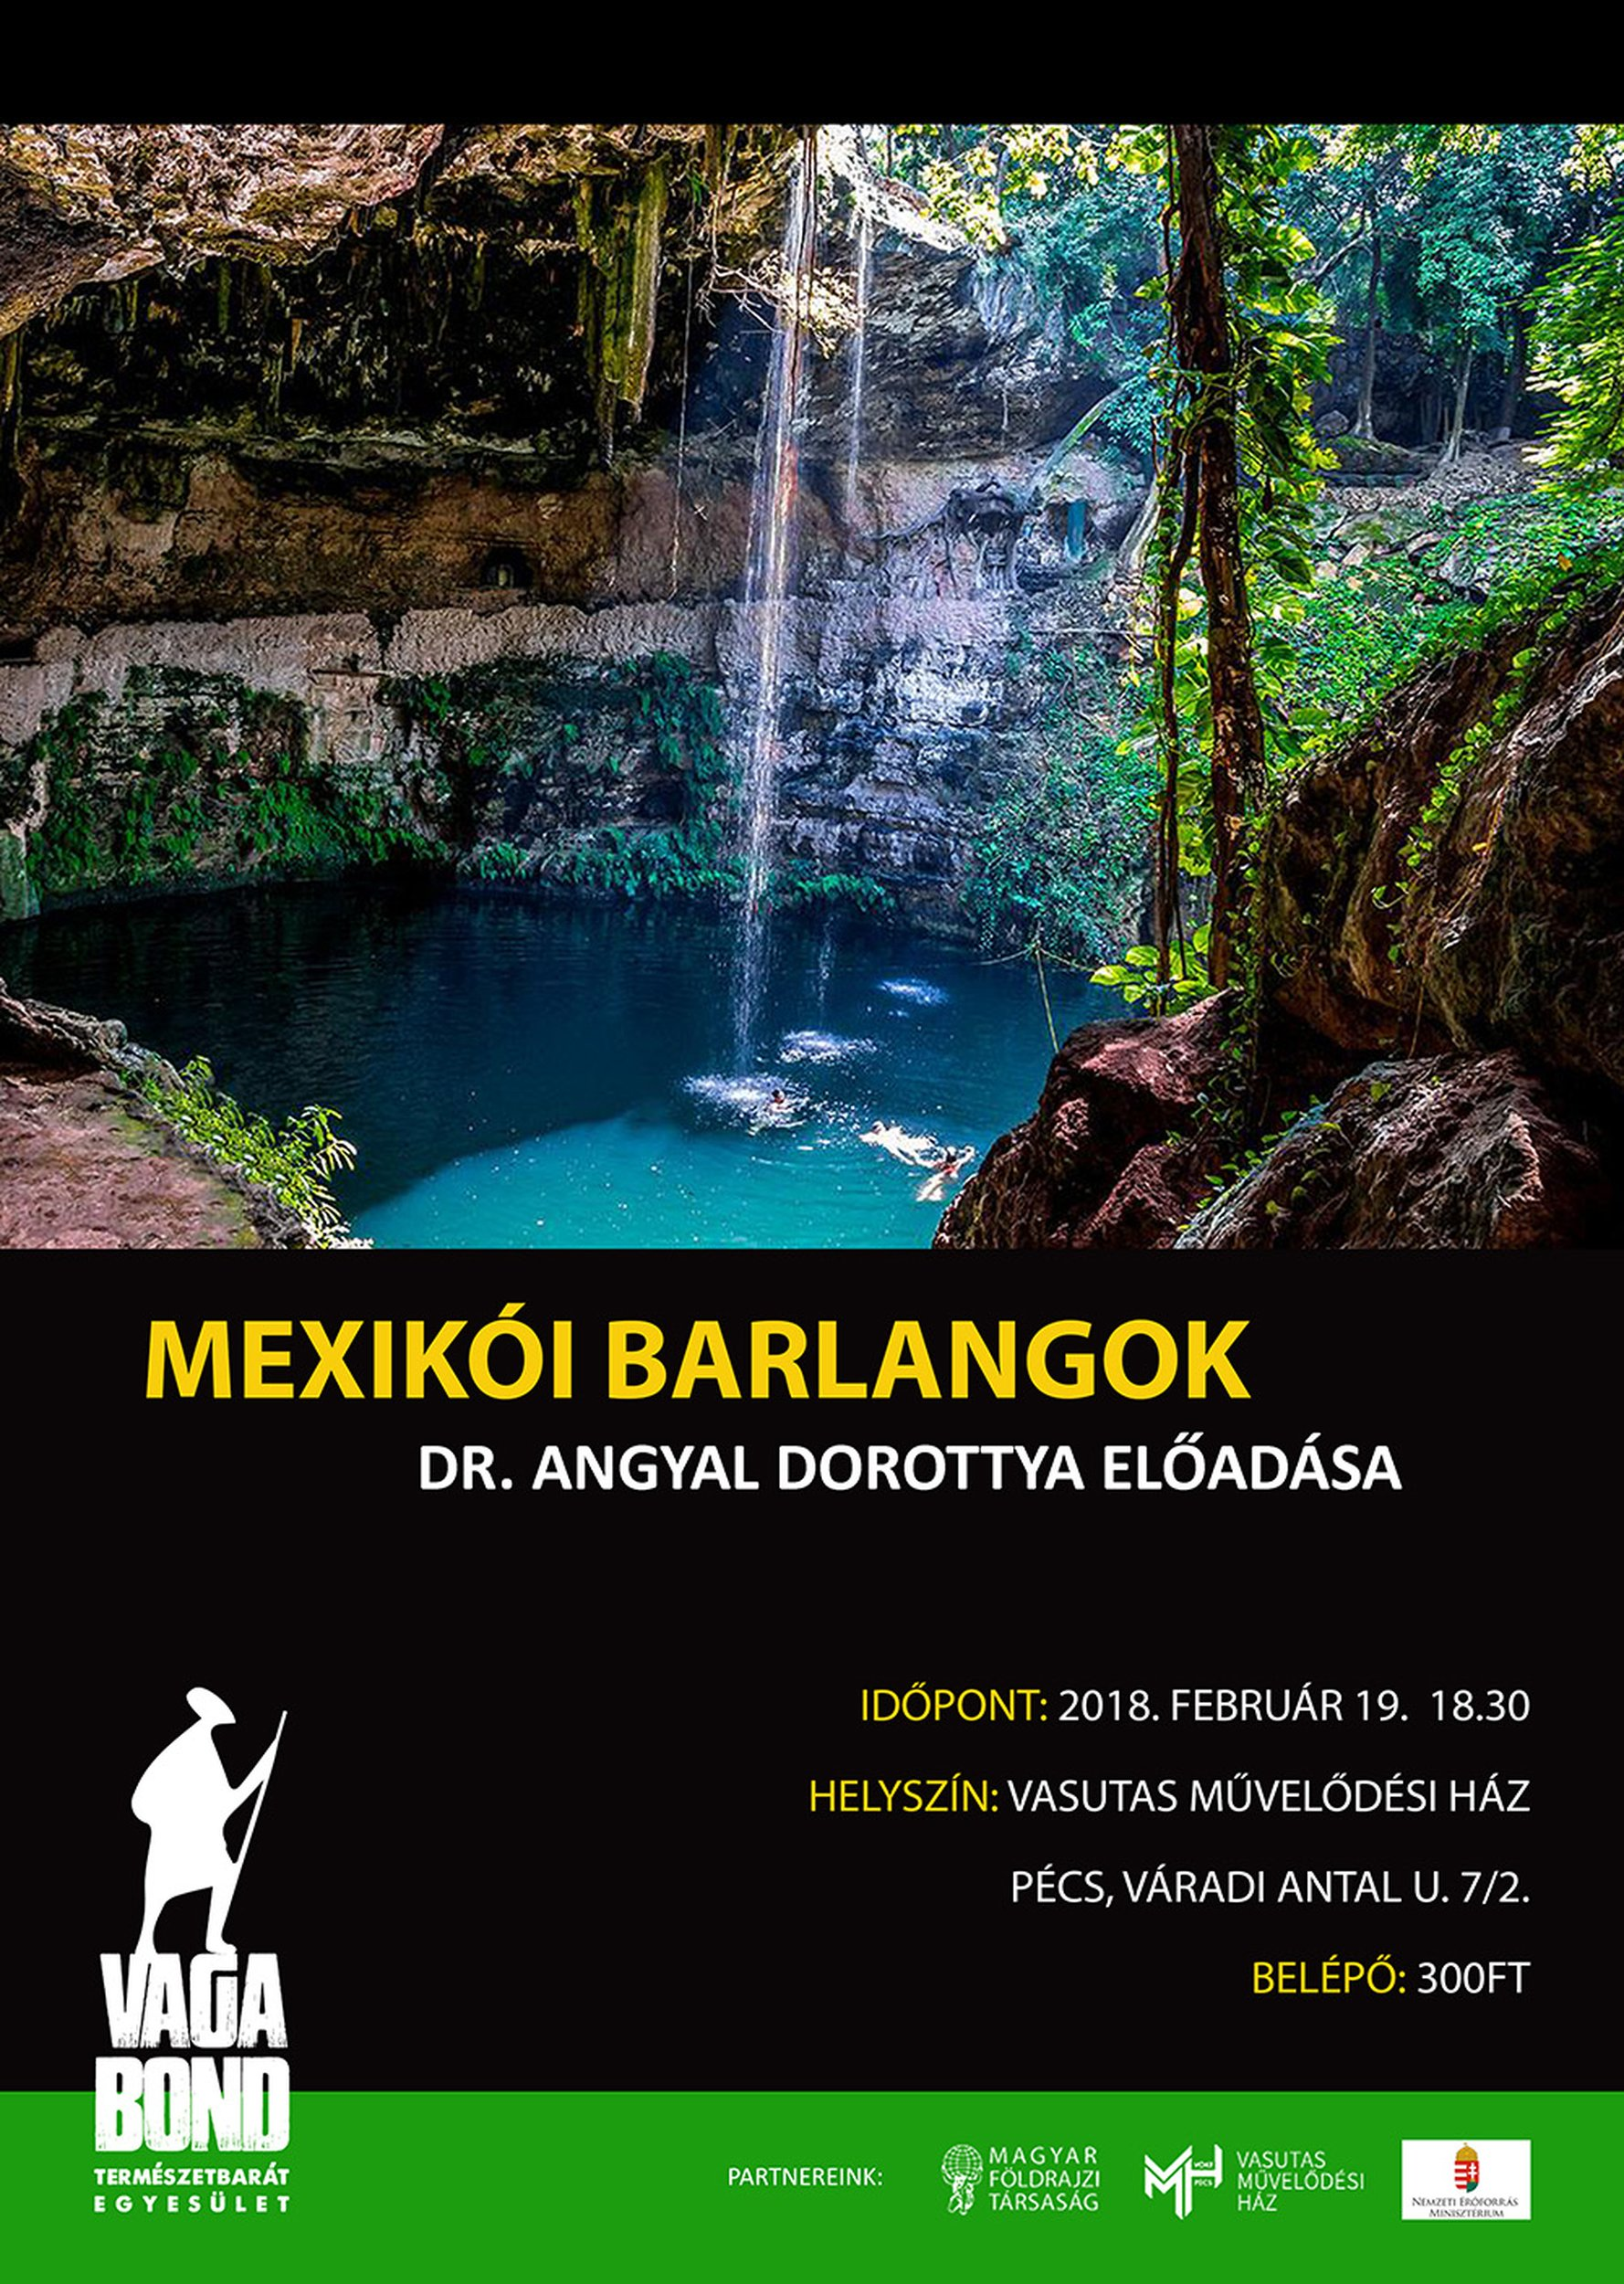 Vagabond Természetbarát Egyesület: Mexikói Barlangok